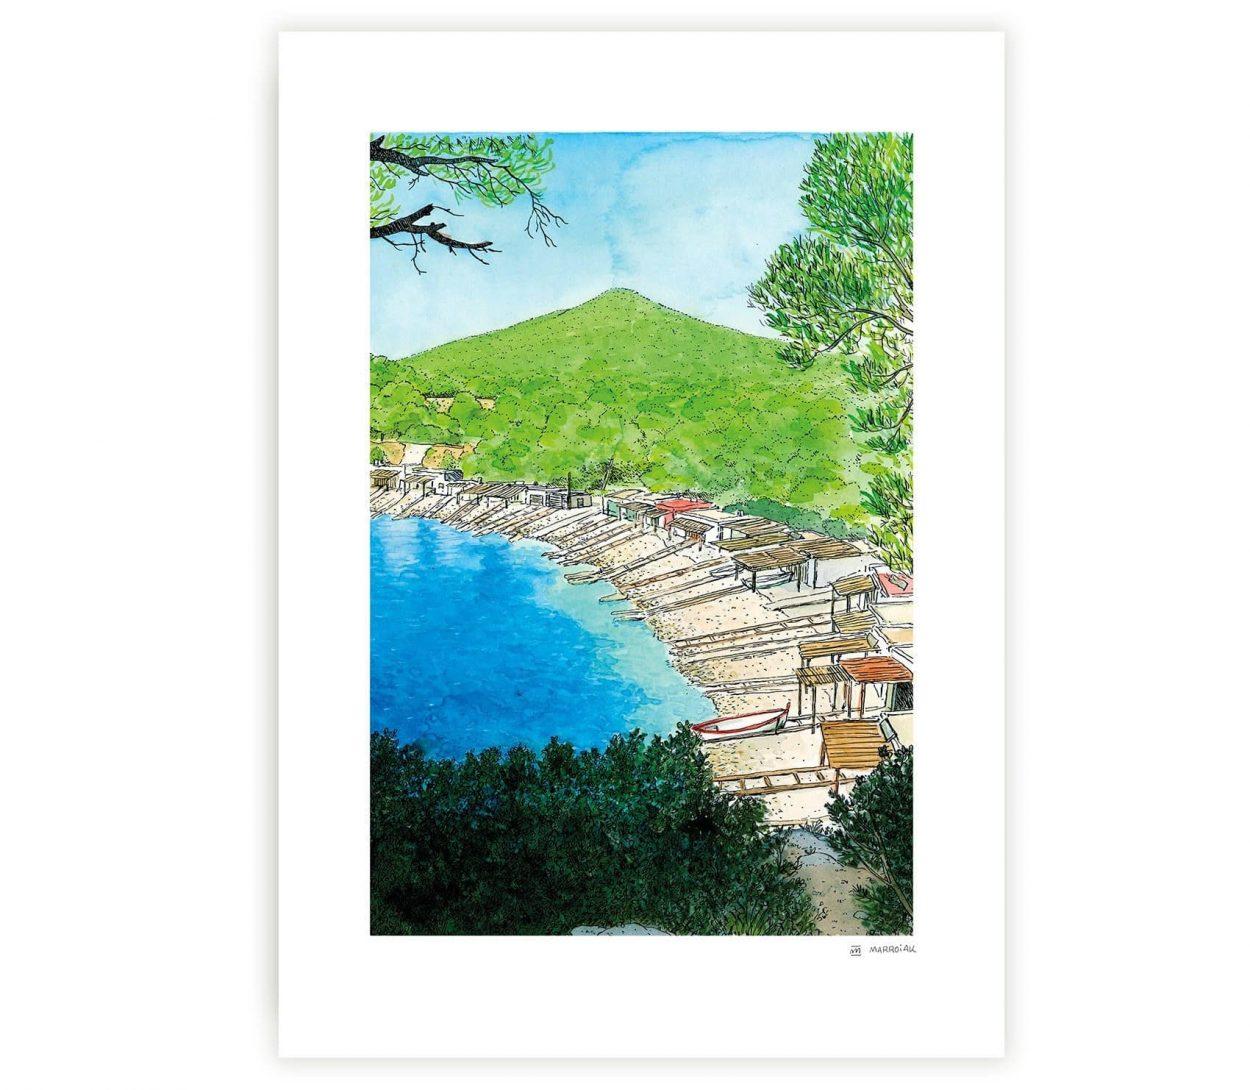 Lámina con una acuarela de la isla de Ibiza. Playa de Sa Caleta. Colección ilustraciones Mediterráneo. Formentera y Baleares. Dibujos hechos a mano